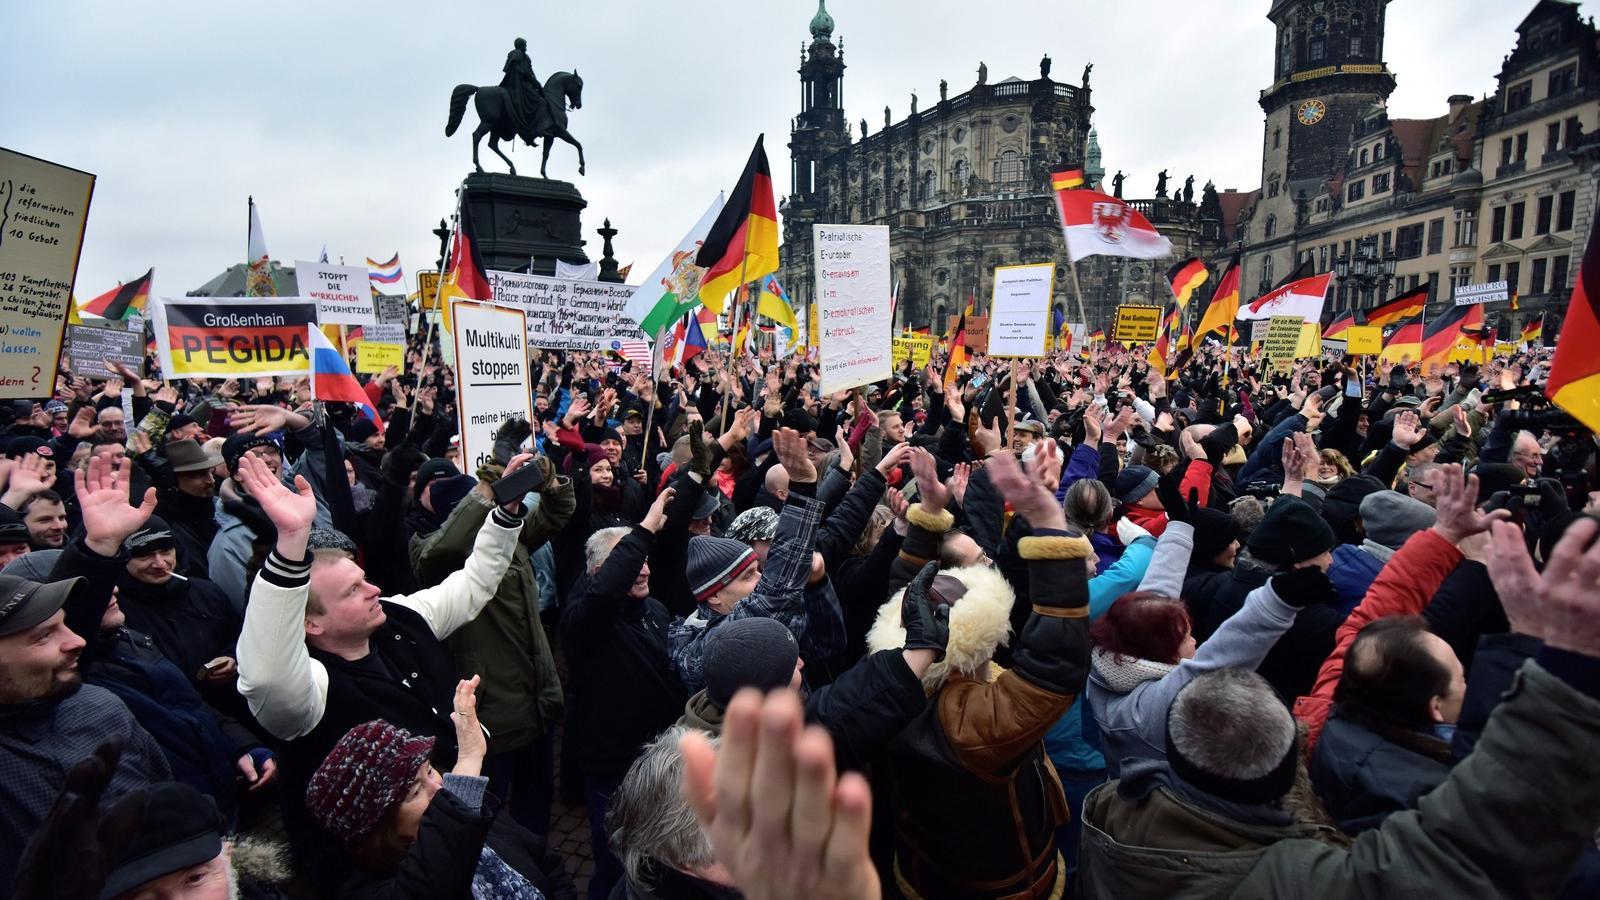 mikor lehet felbomlani online társkereső portale deutschland